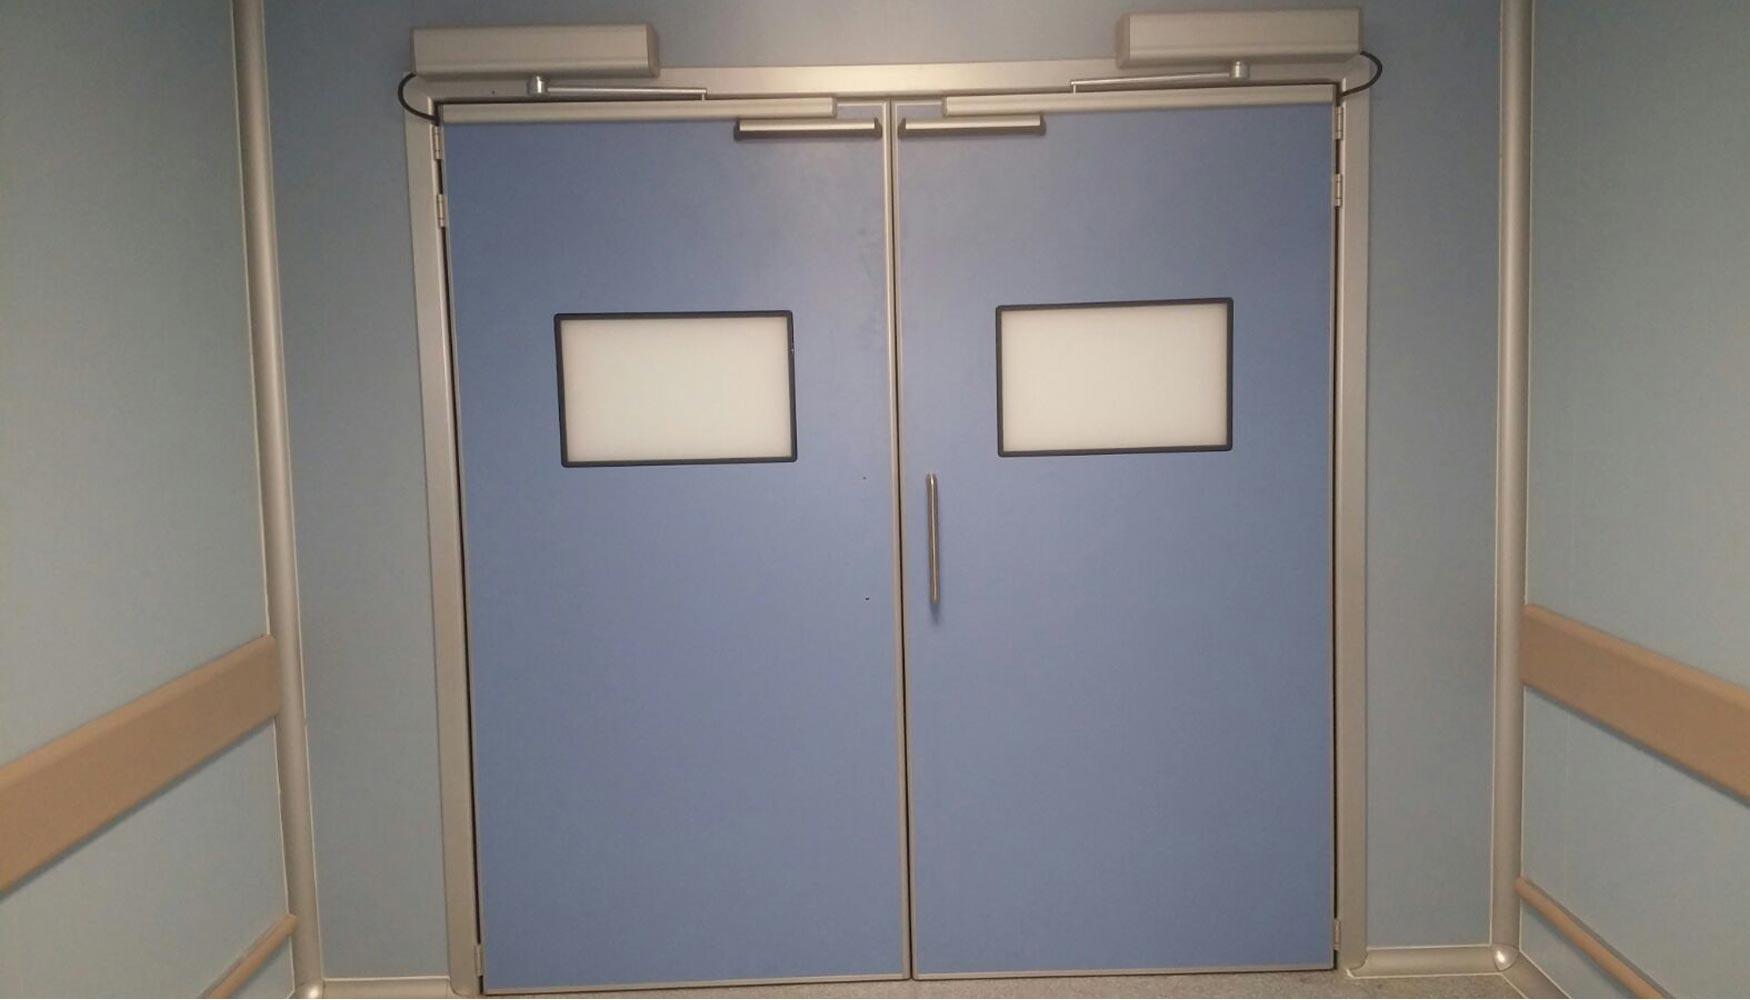 aprimatic referente en automatismos para puertas